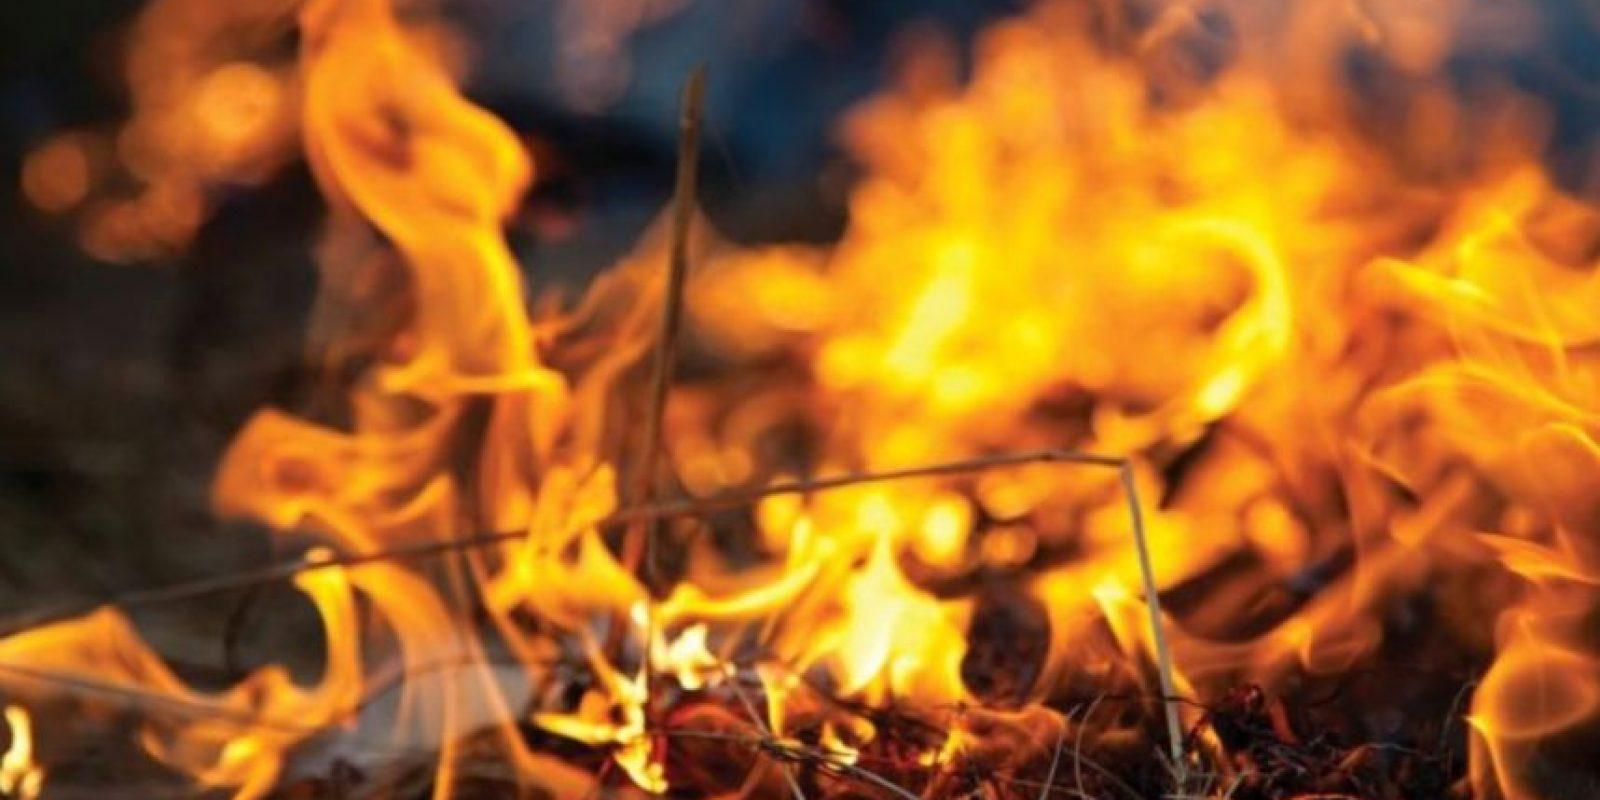 Depende del grado de quemadura, el individuo puede quedar consciente, o no. Las quemaduras pueden ser con fuego o ácido. Foto:Getty Images